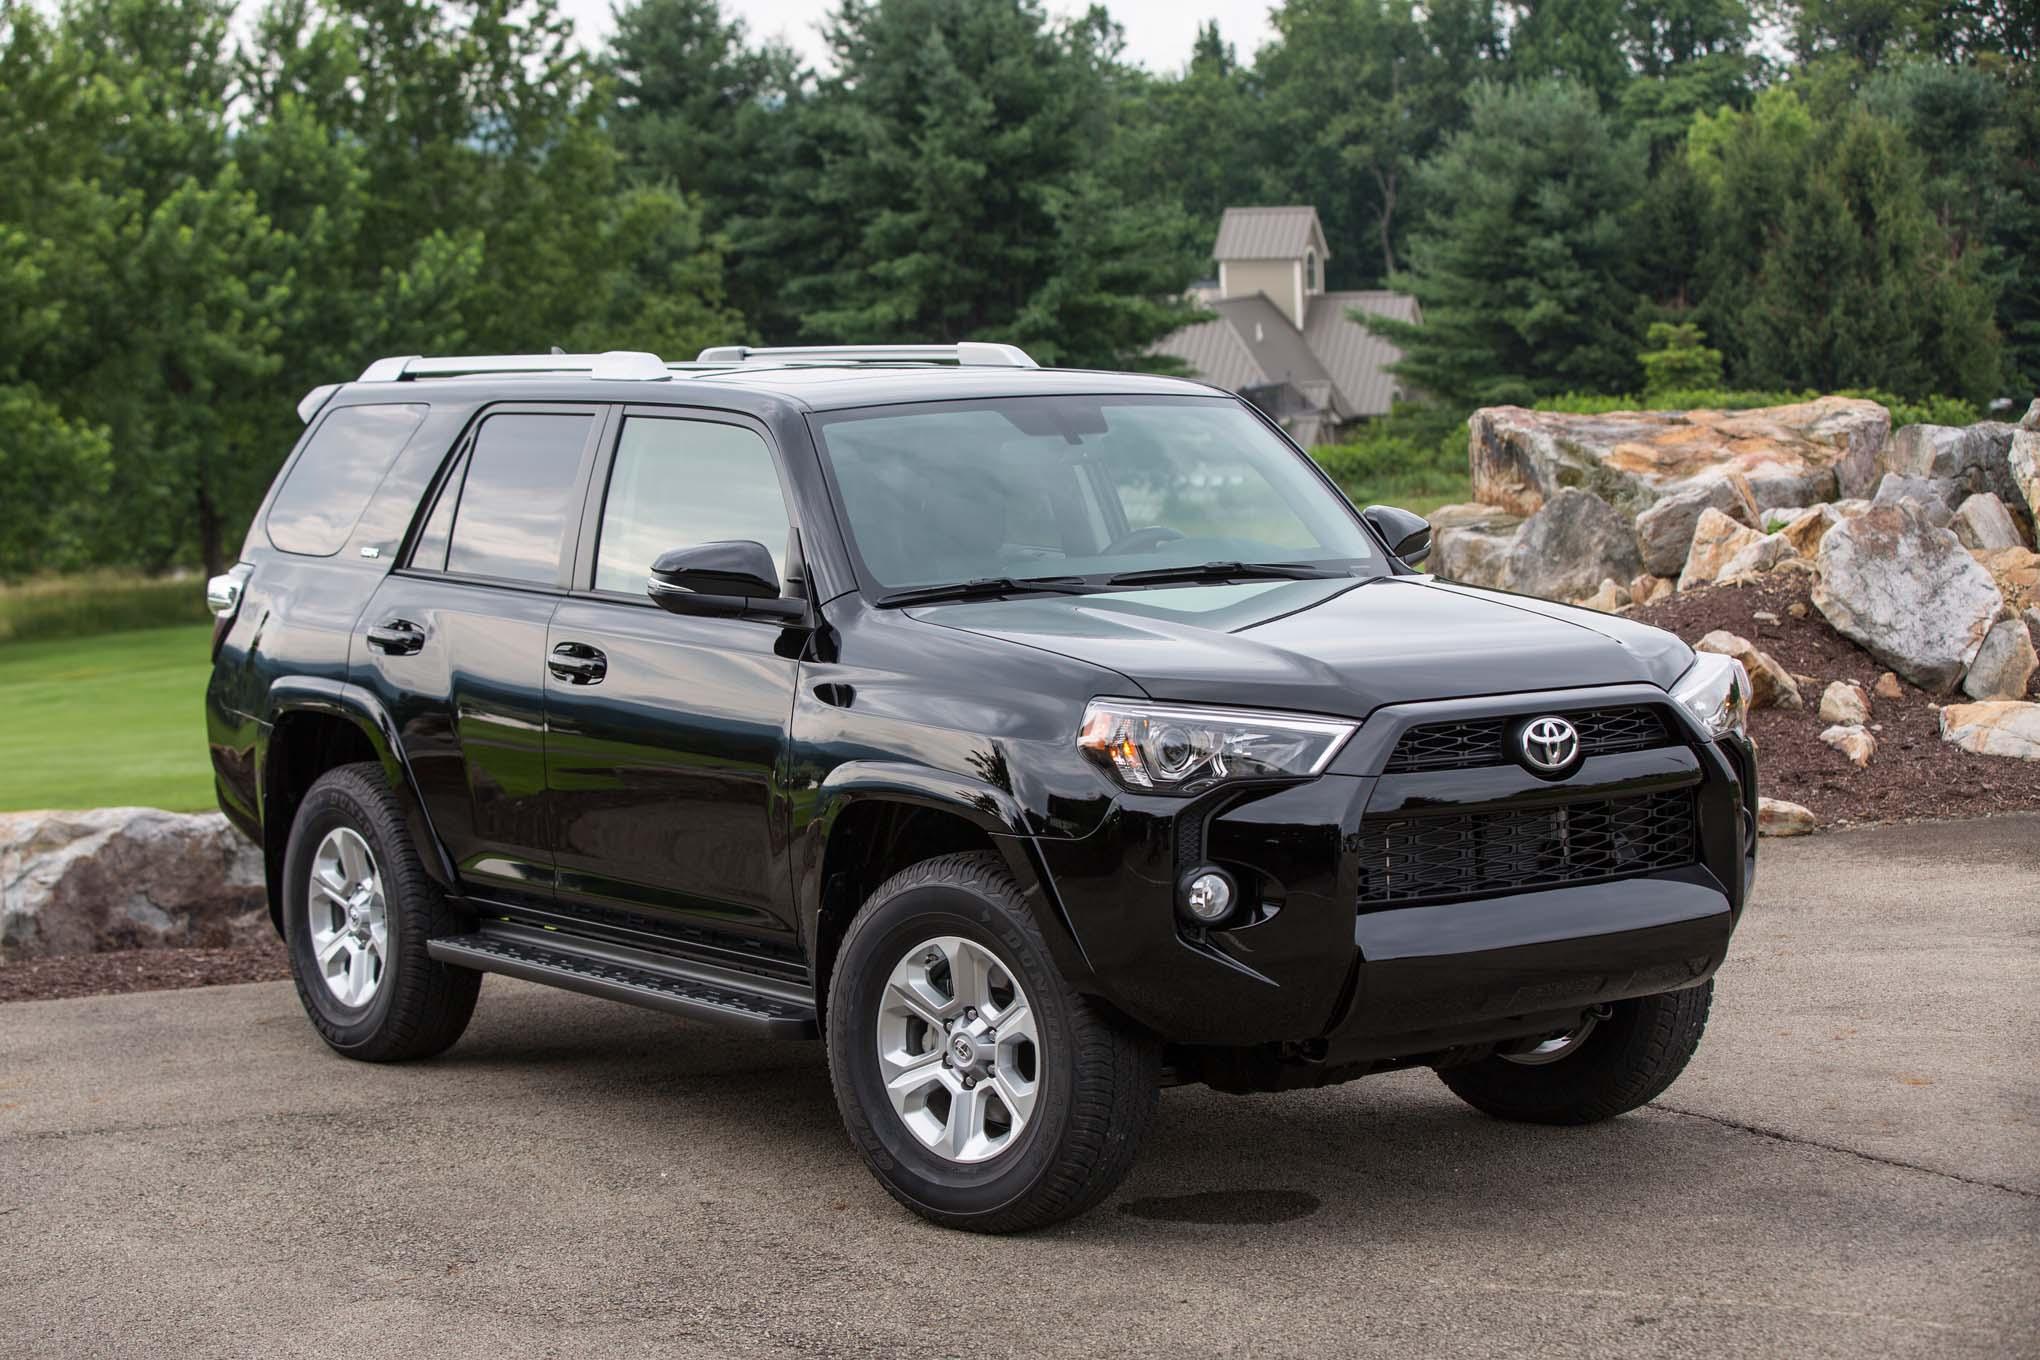 2019 Toyota 4Runner Release Date, Price, Rumors, Interior ...